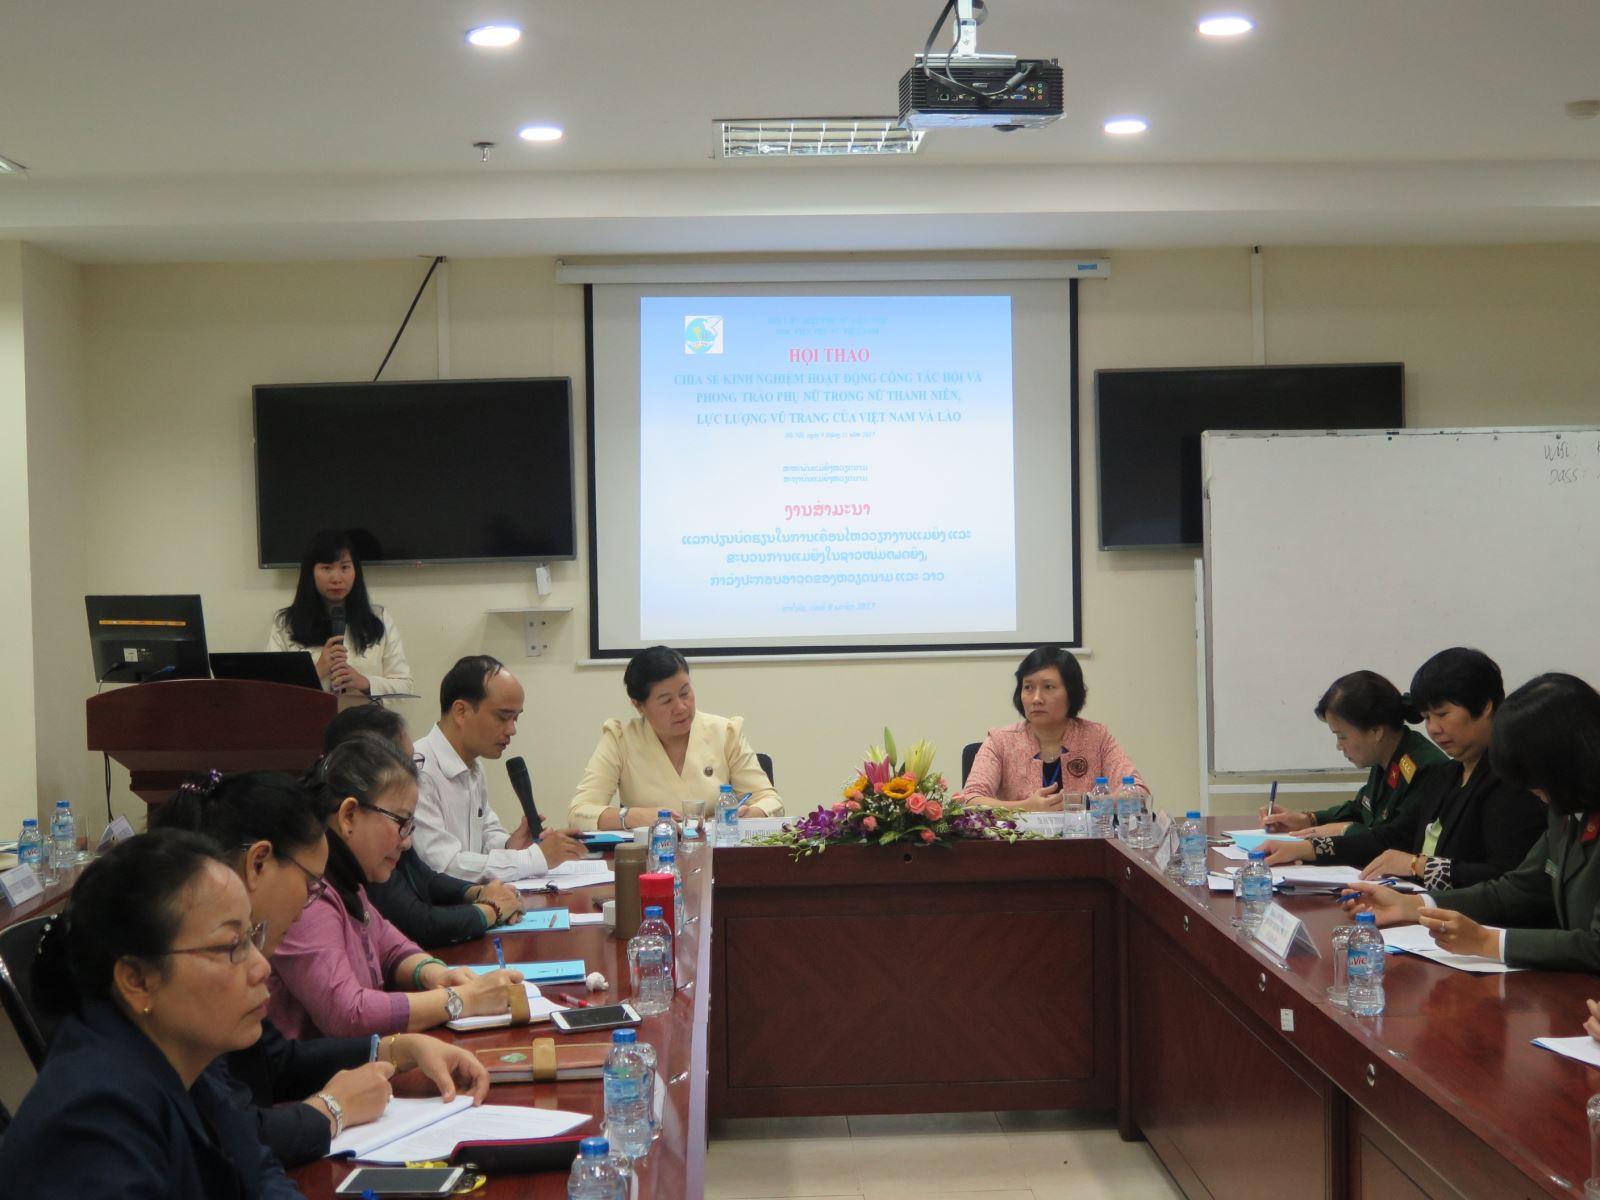 Hội thảo Chia sẻ kinh nghiệm hoạt động công tác Hội và Phong trào phụ nữ